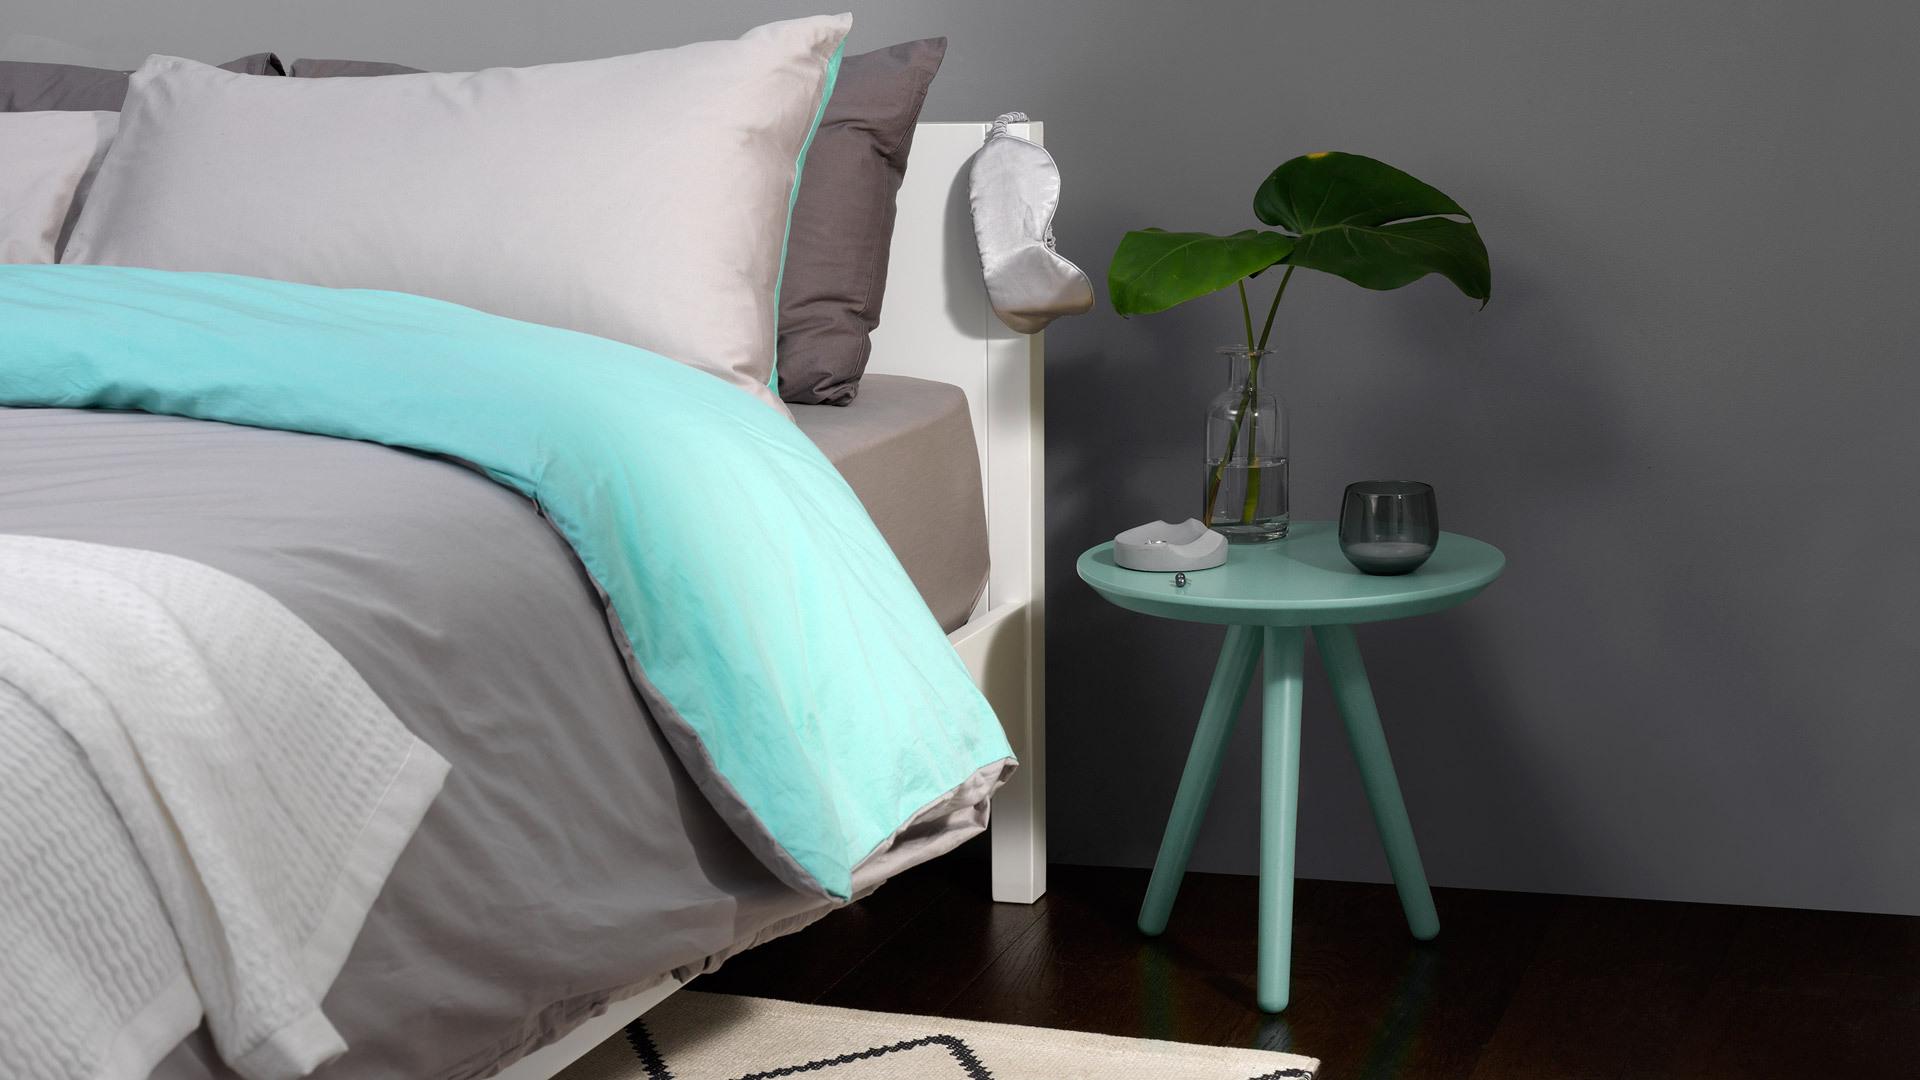 跟笨重床头柜bye bye!紧凑轻盈的体量,让小彩几照样适用于卧室,创造更多富余空间,让卧室更加透气不压抑。